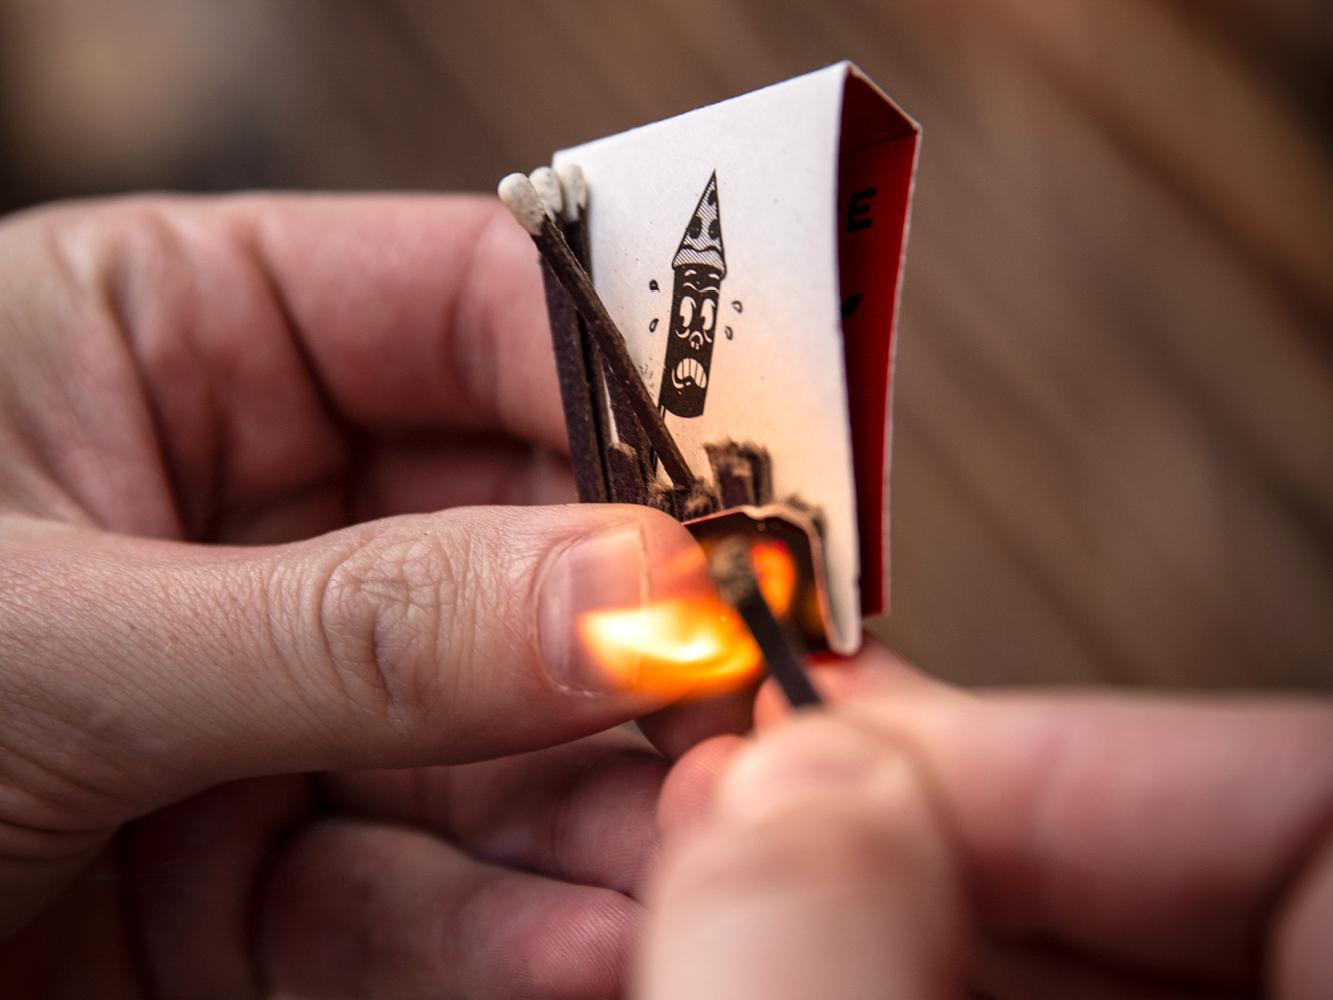 Photo of Firecracker matchbook